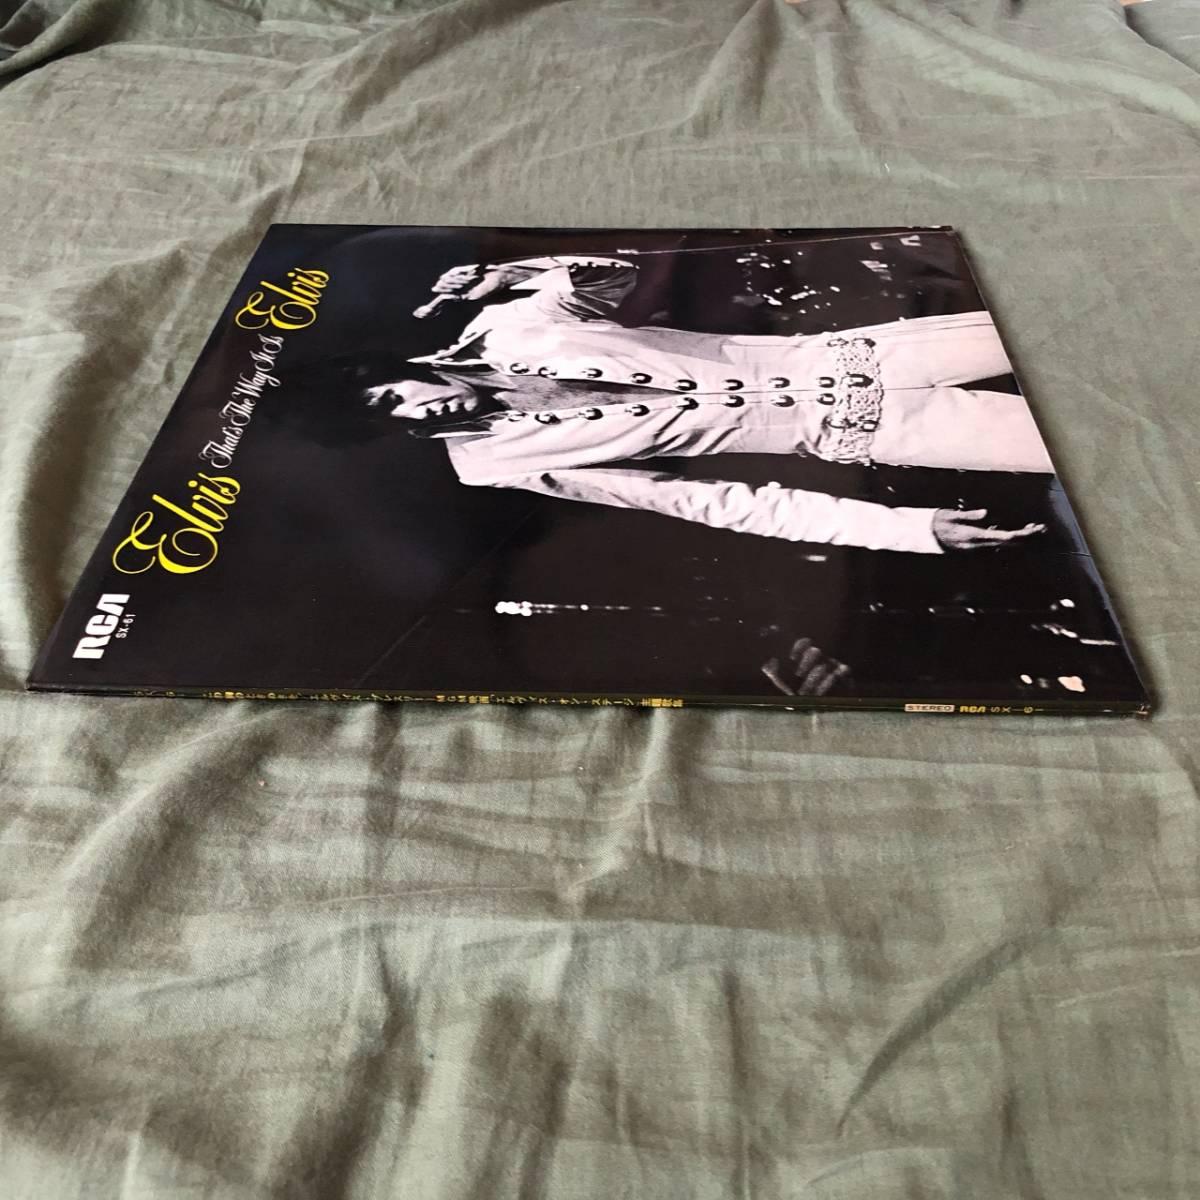 41 エルヴィス・プレスリー Elvis Presley 1971年 LPレコード エルヴィス・オン・ステージ That's The Way It Is 中古 国内盤 Oldies_エルヴィス・プレスリ